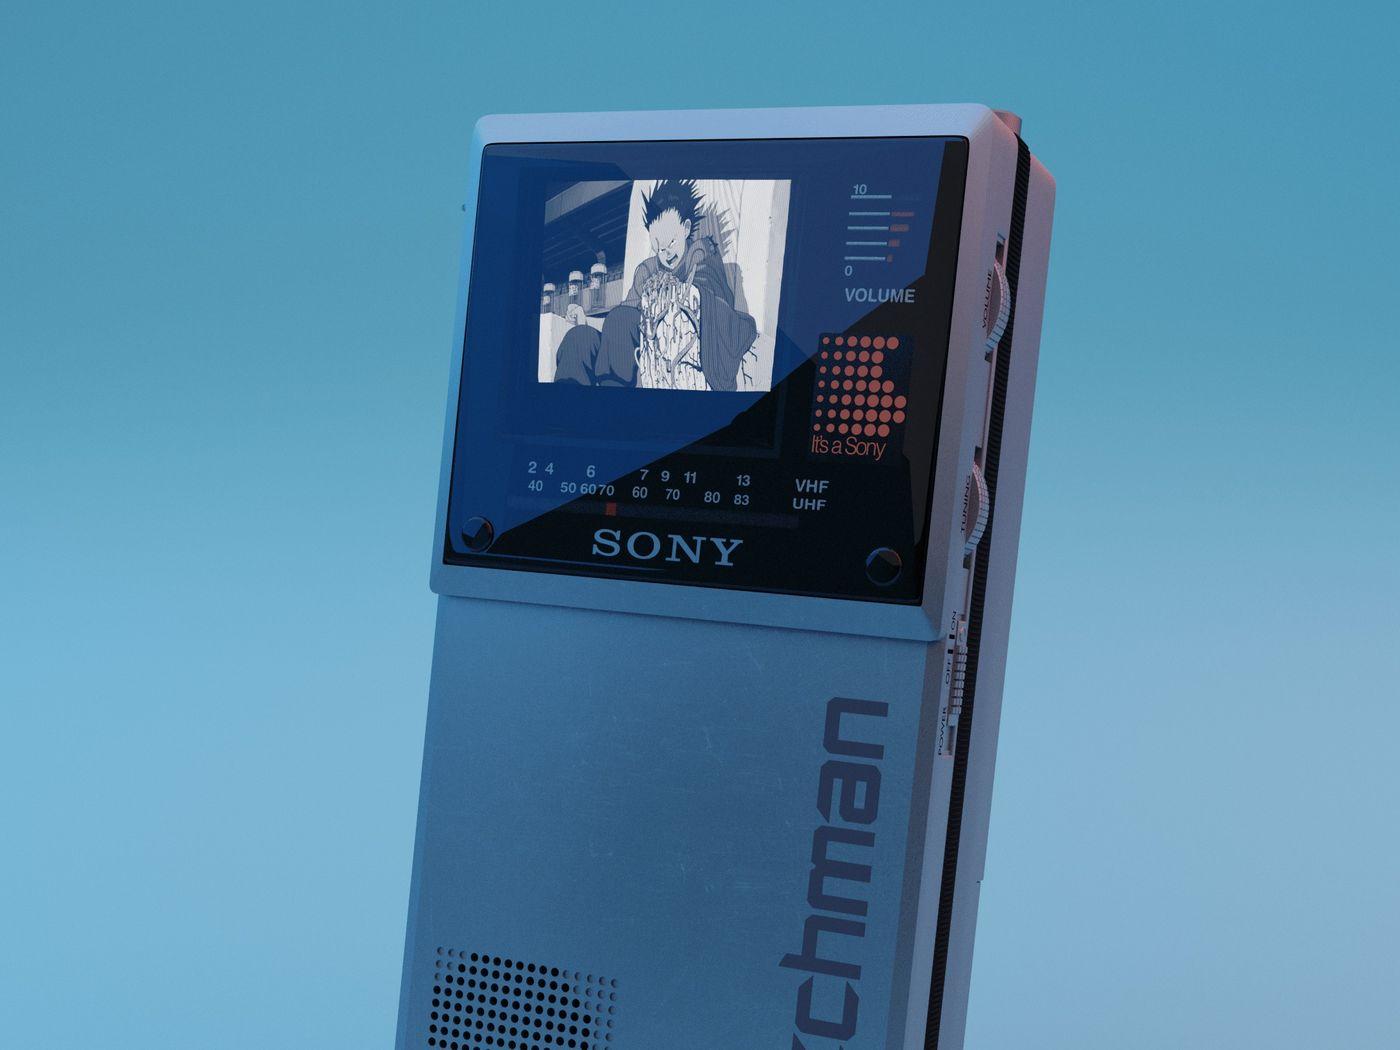 Sony Watchman Model FD-20A